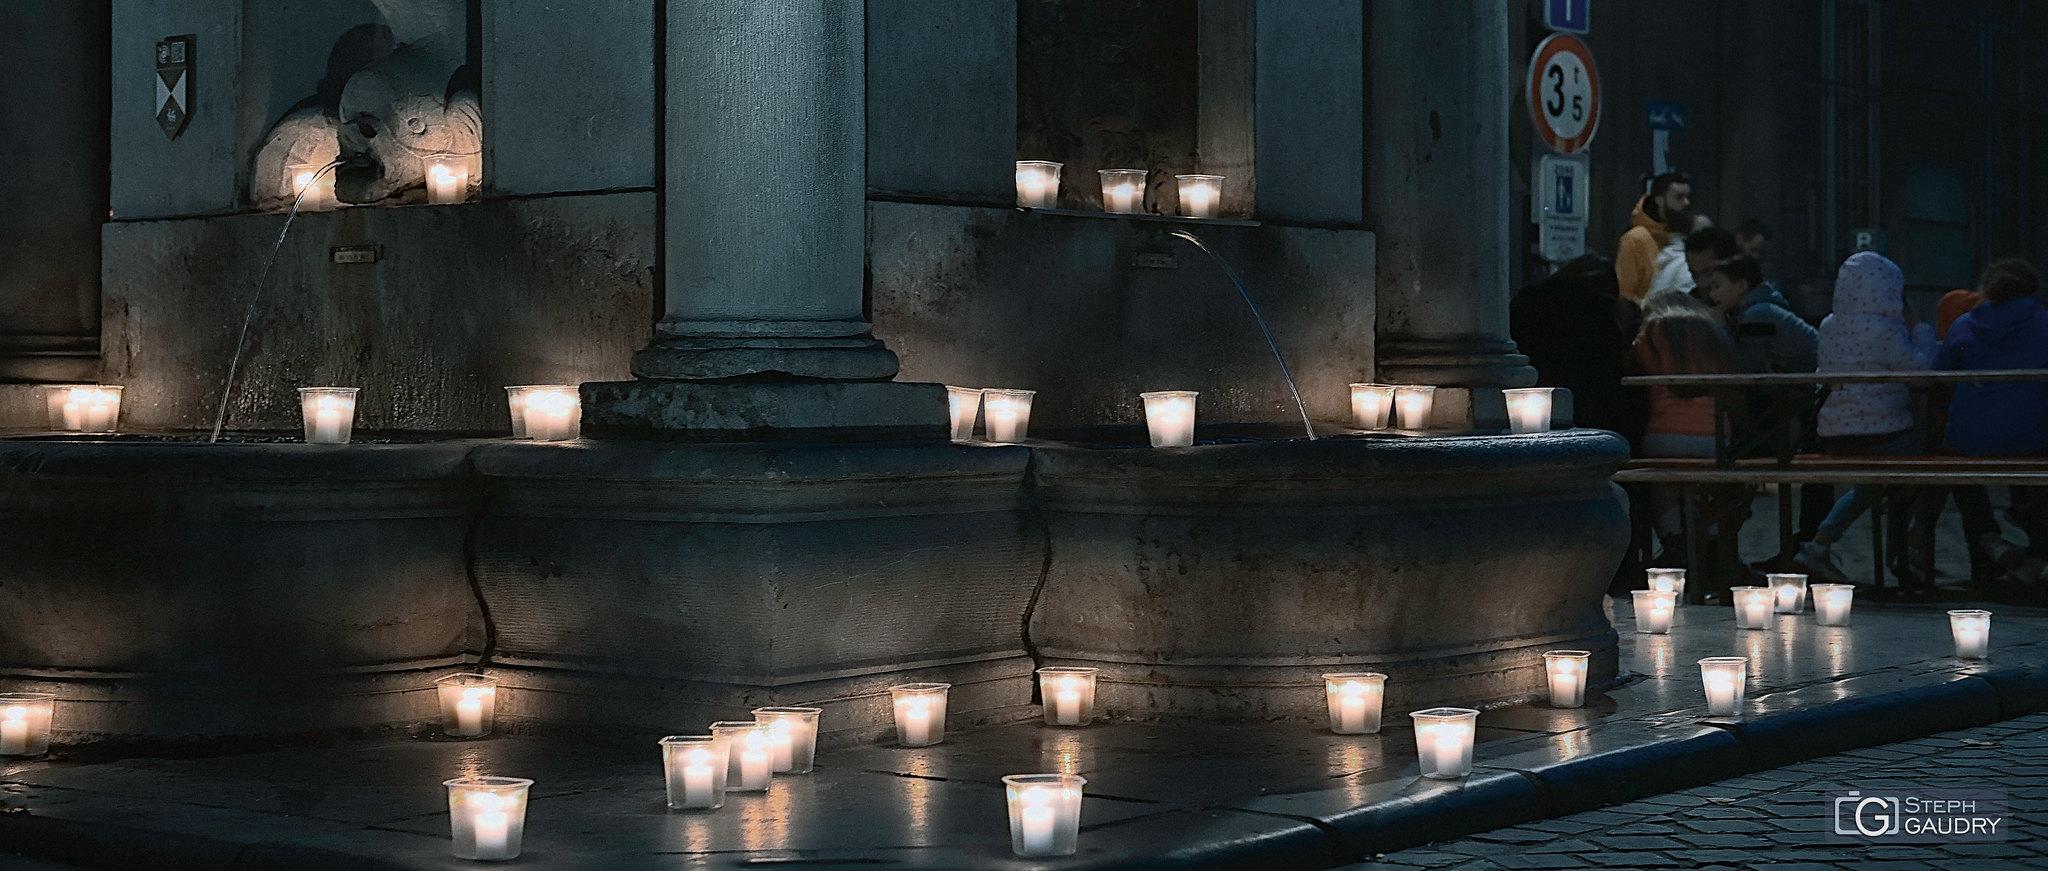 Nocturne des coteaux @ Fontaine Saint-Jean-Baptiste (Nord-Est) [Klicken Sie hier, um die Diashow zu starten]